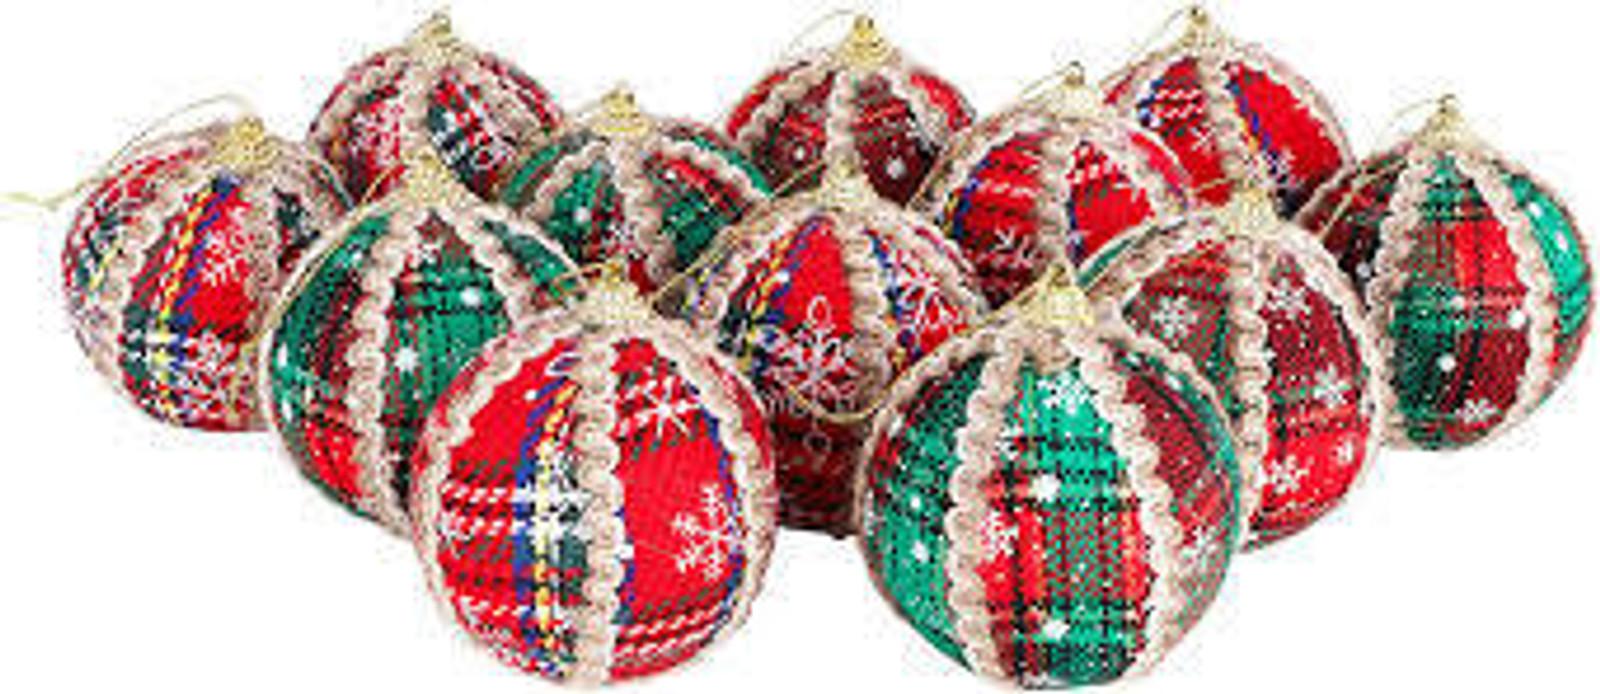 Christmas 2020 Gifts